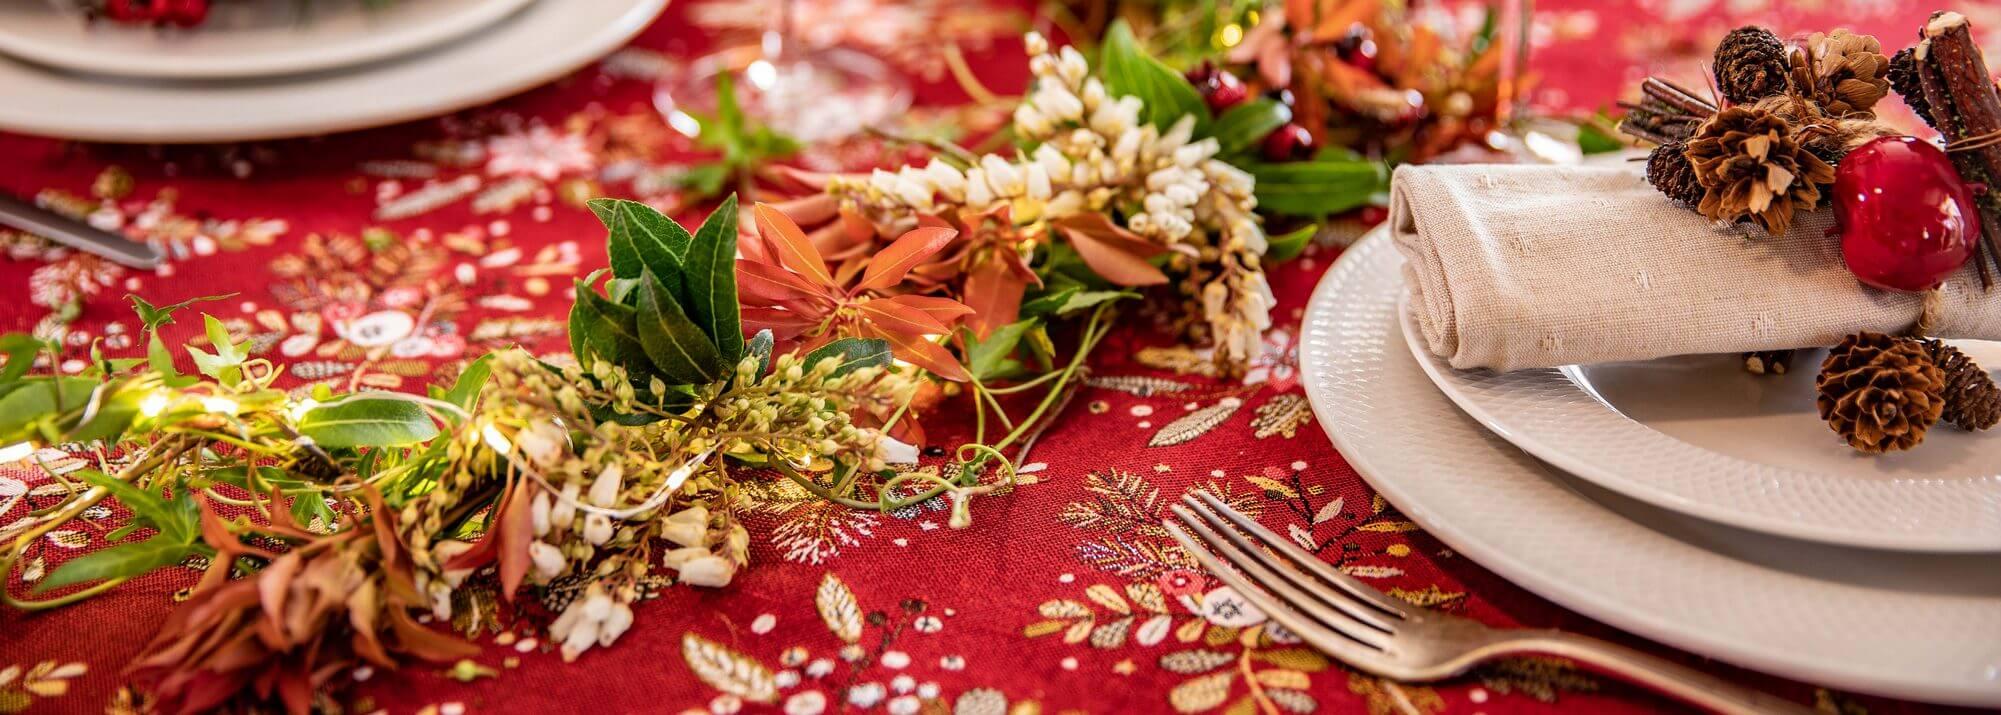 Linge de table de Noël